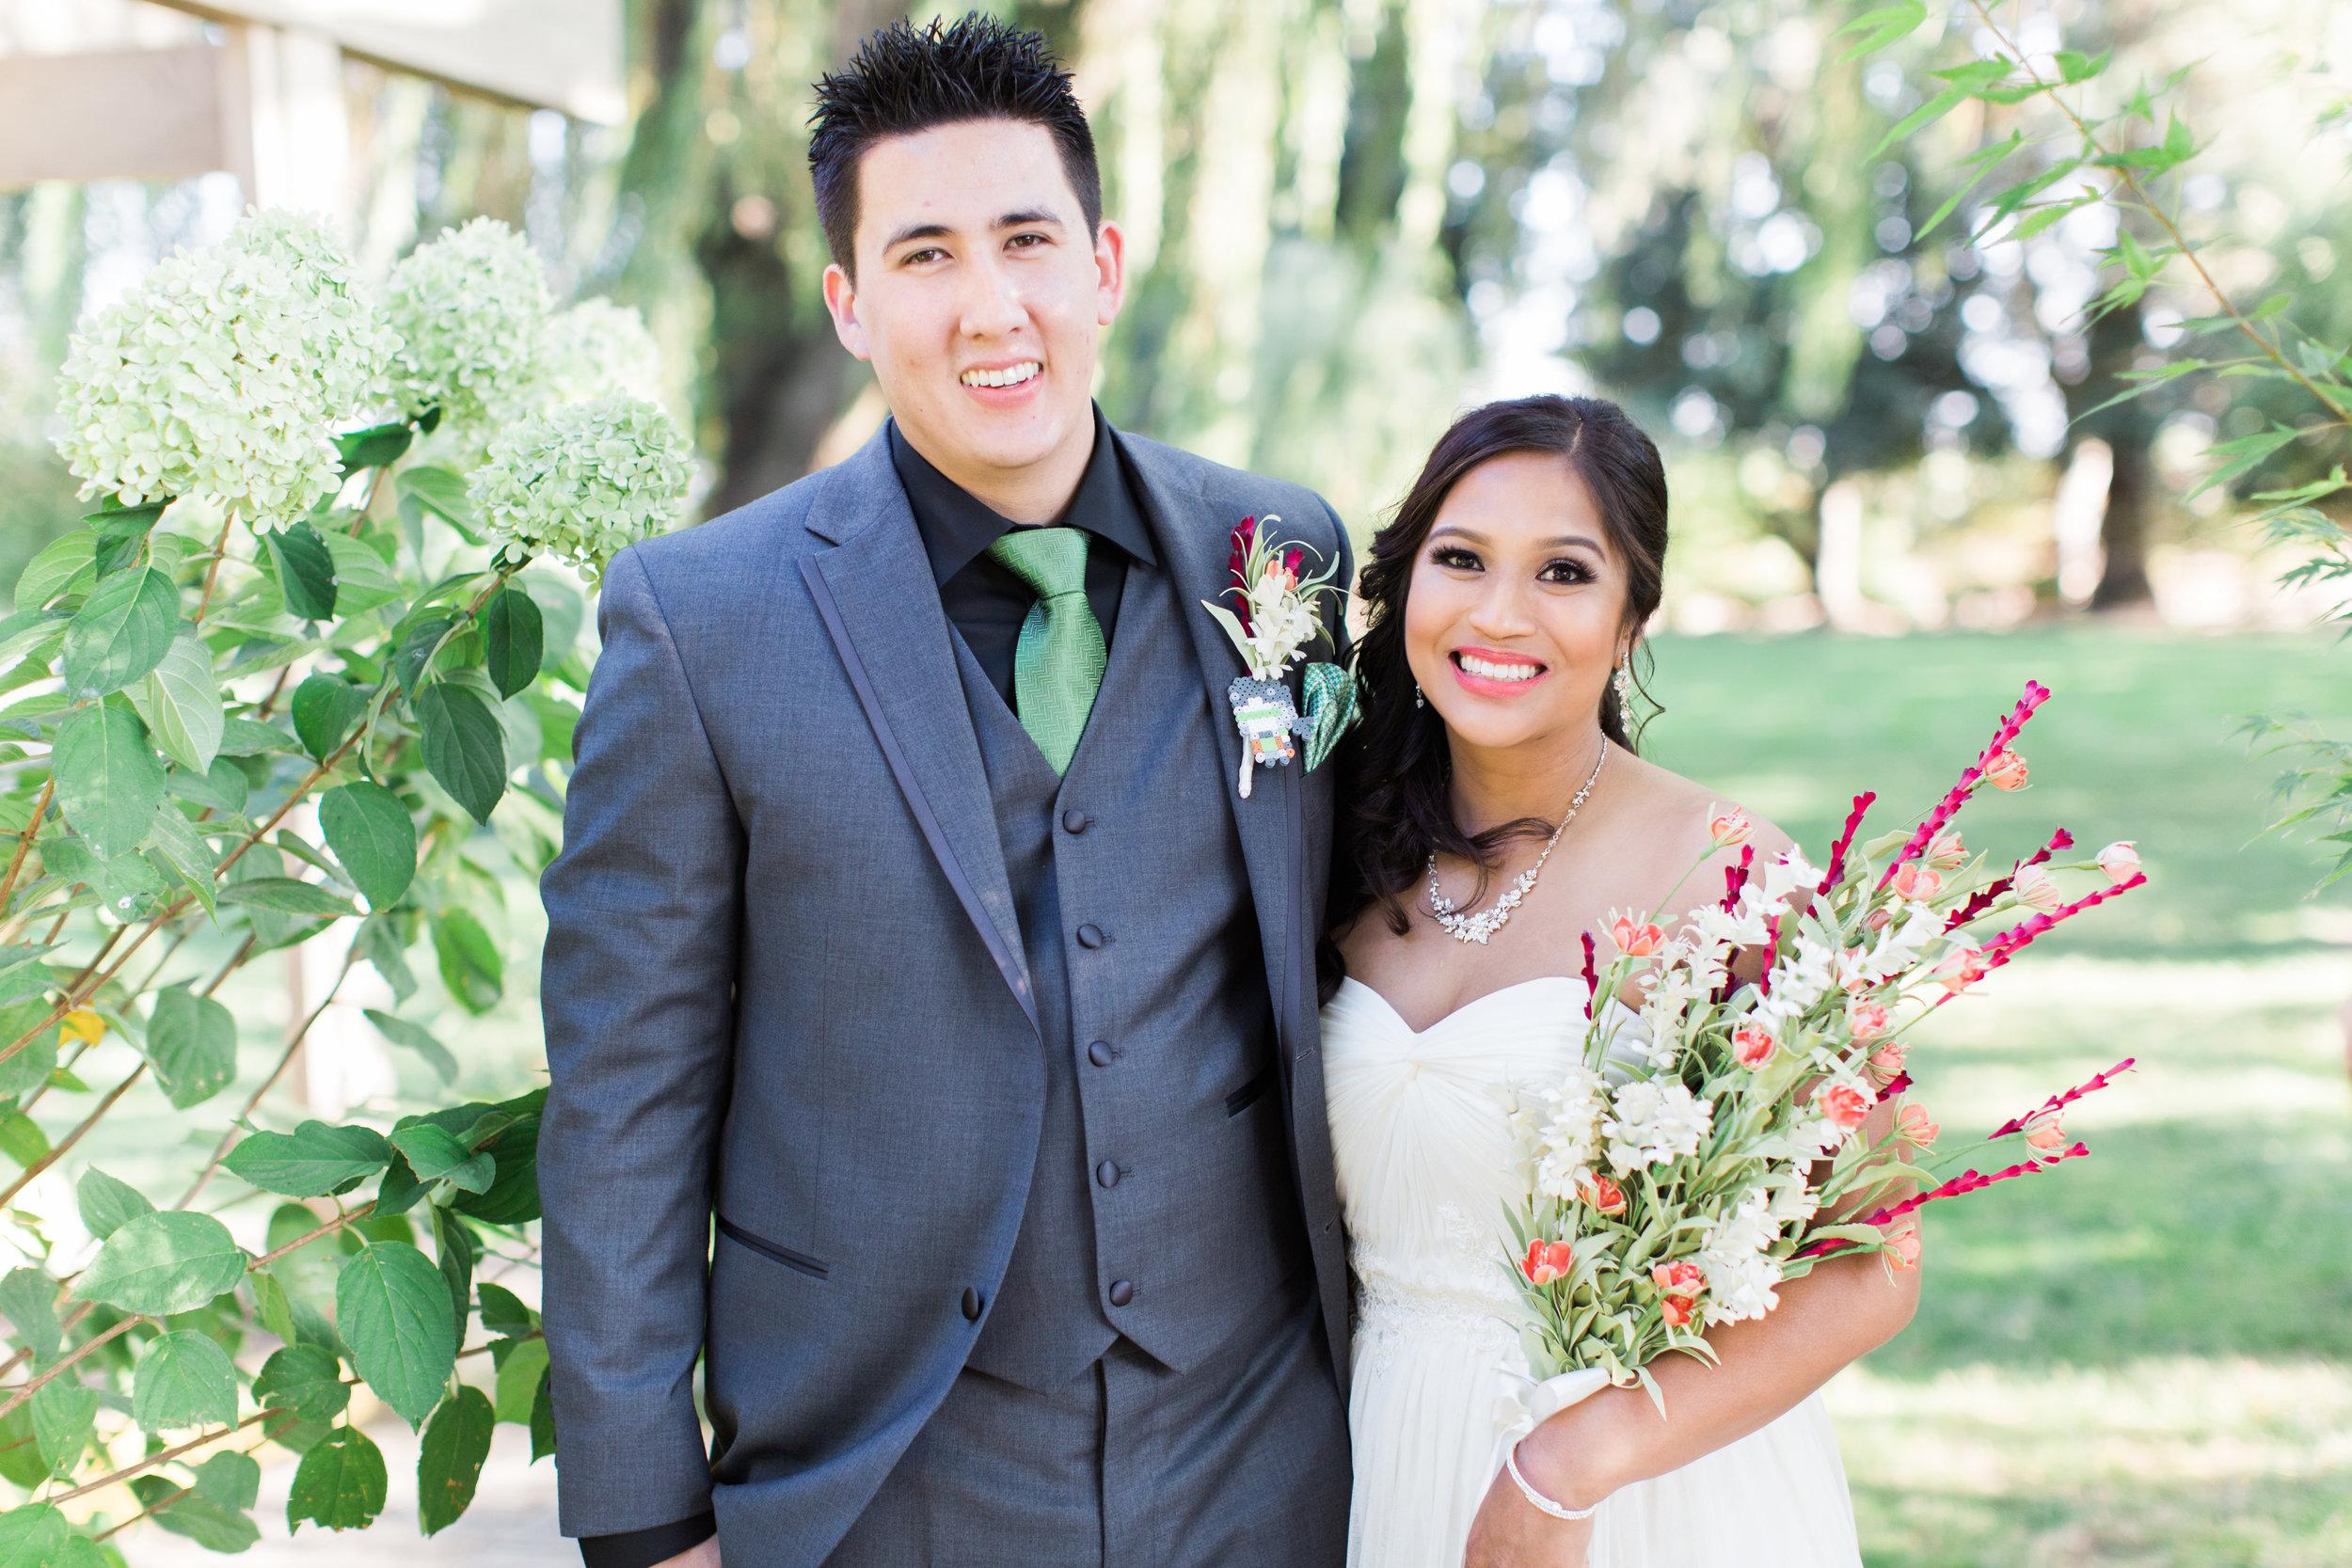 Mettler-family-vineyards-wedding-lodi-california-7276.jpg